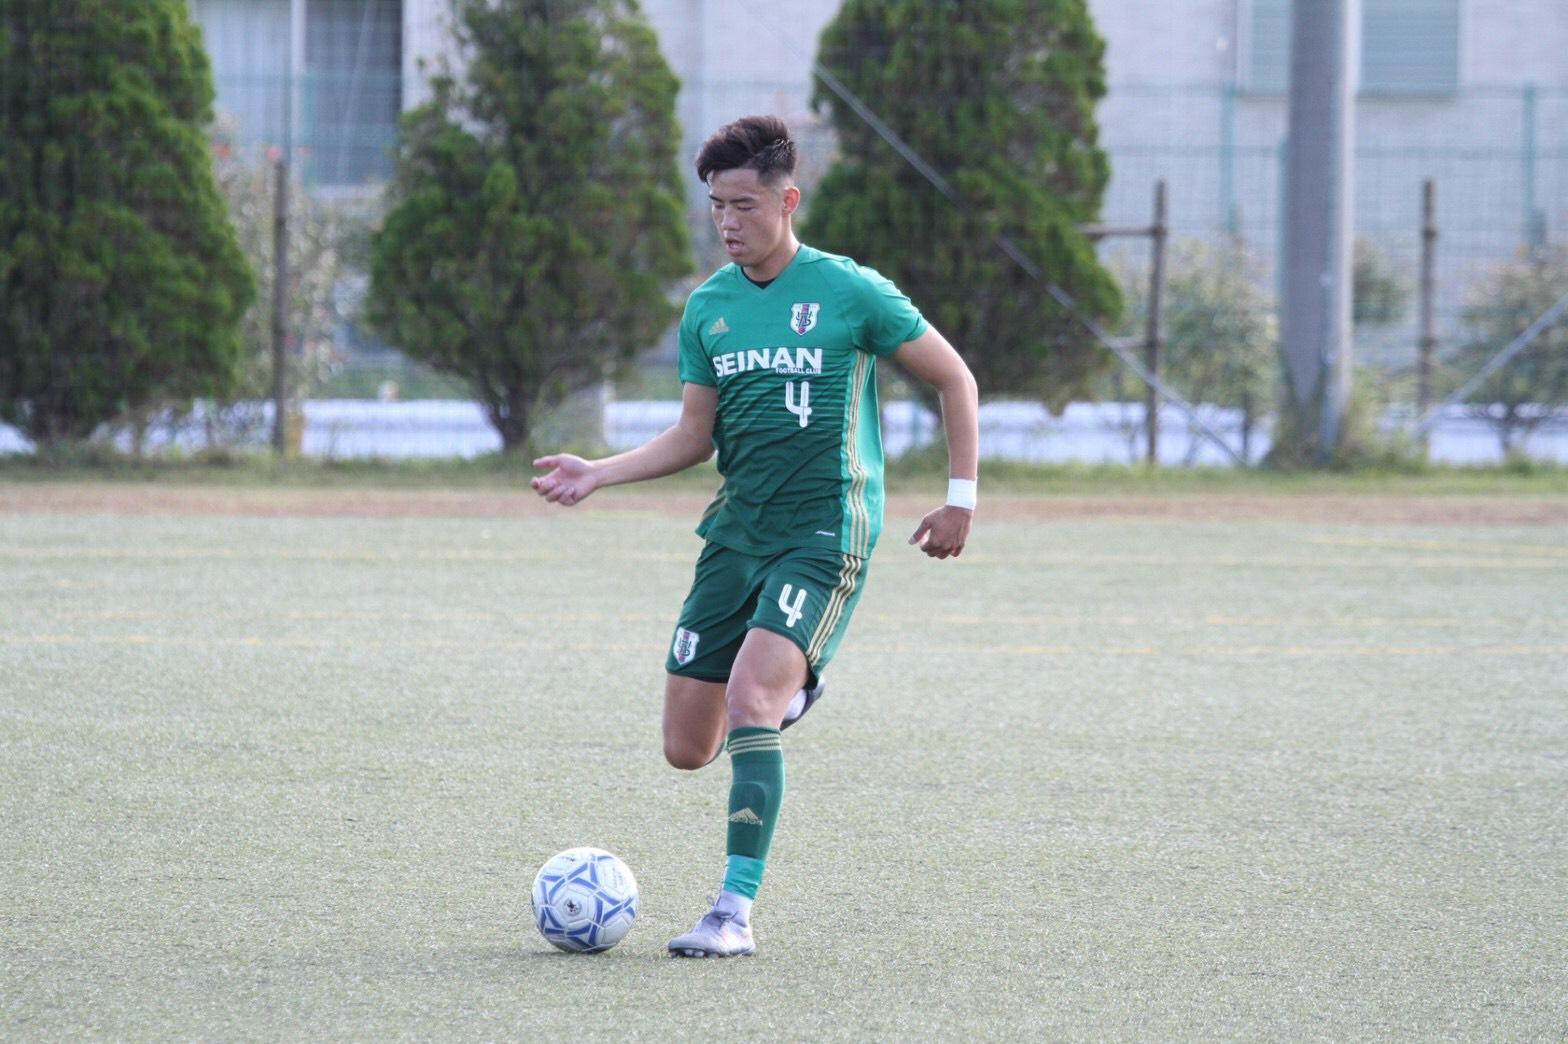 西南学院大学の野村勇太選手がモンゴルのプロサッカーリーグ2部と契約!